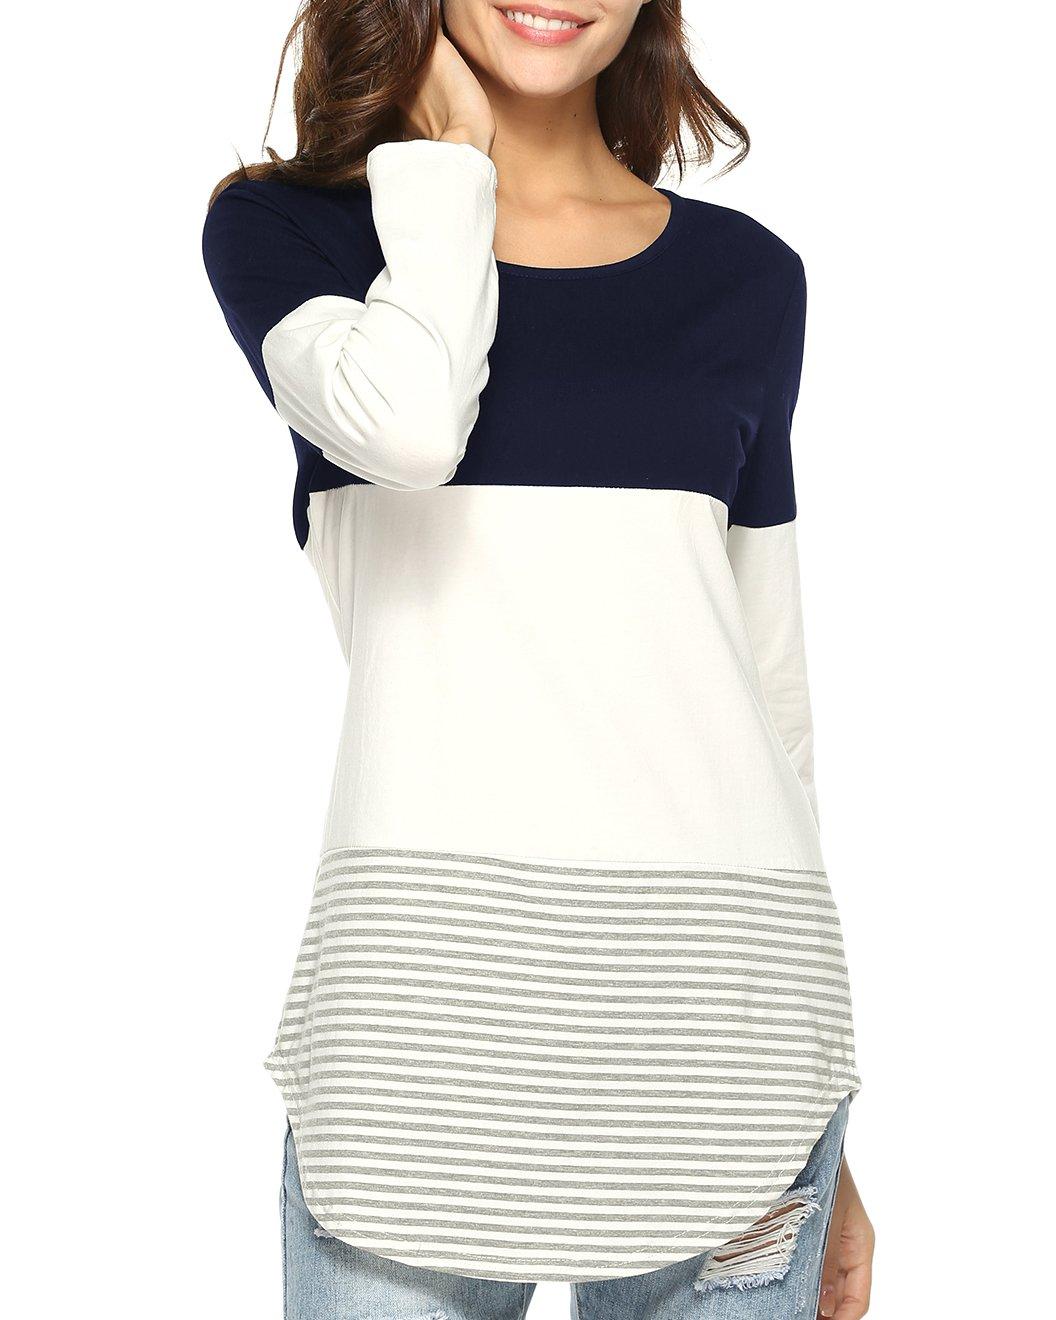 Doris Kids Women's Casual Long Sleeve Tunic Top Sweatshirt Color Block T-Shirt Blue S